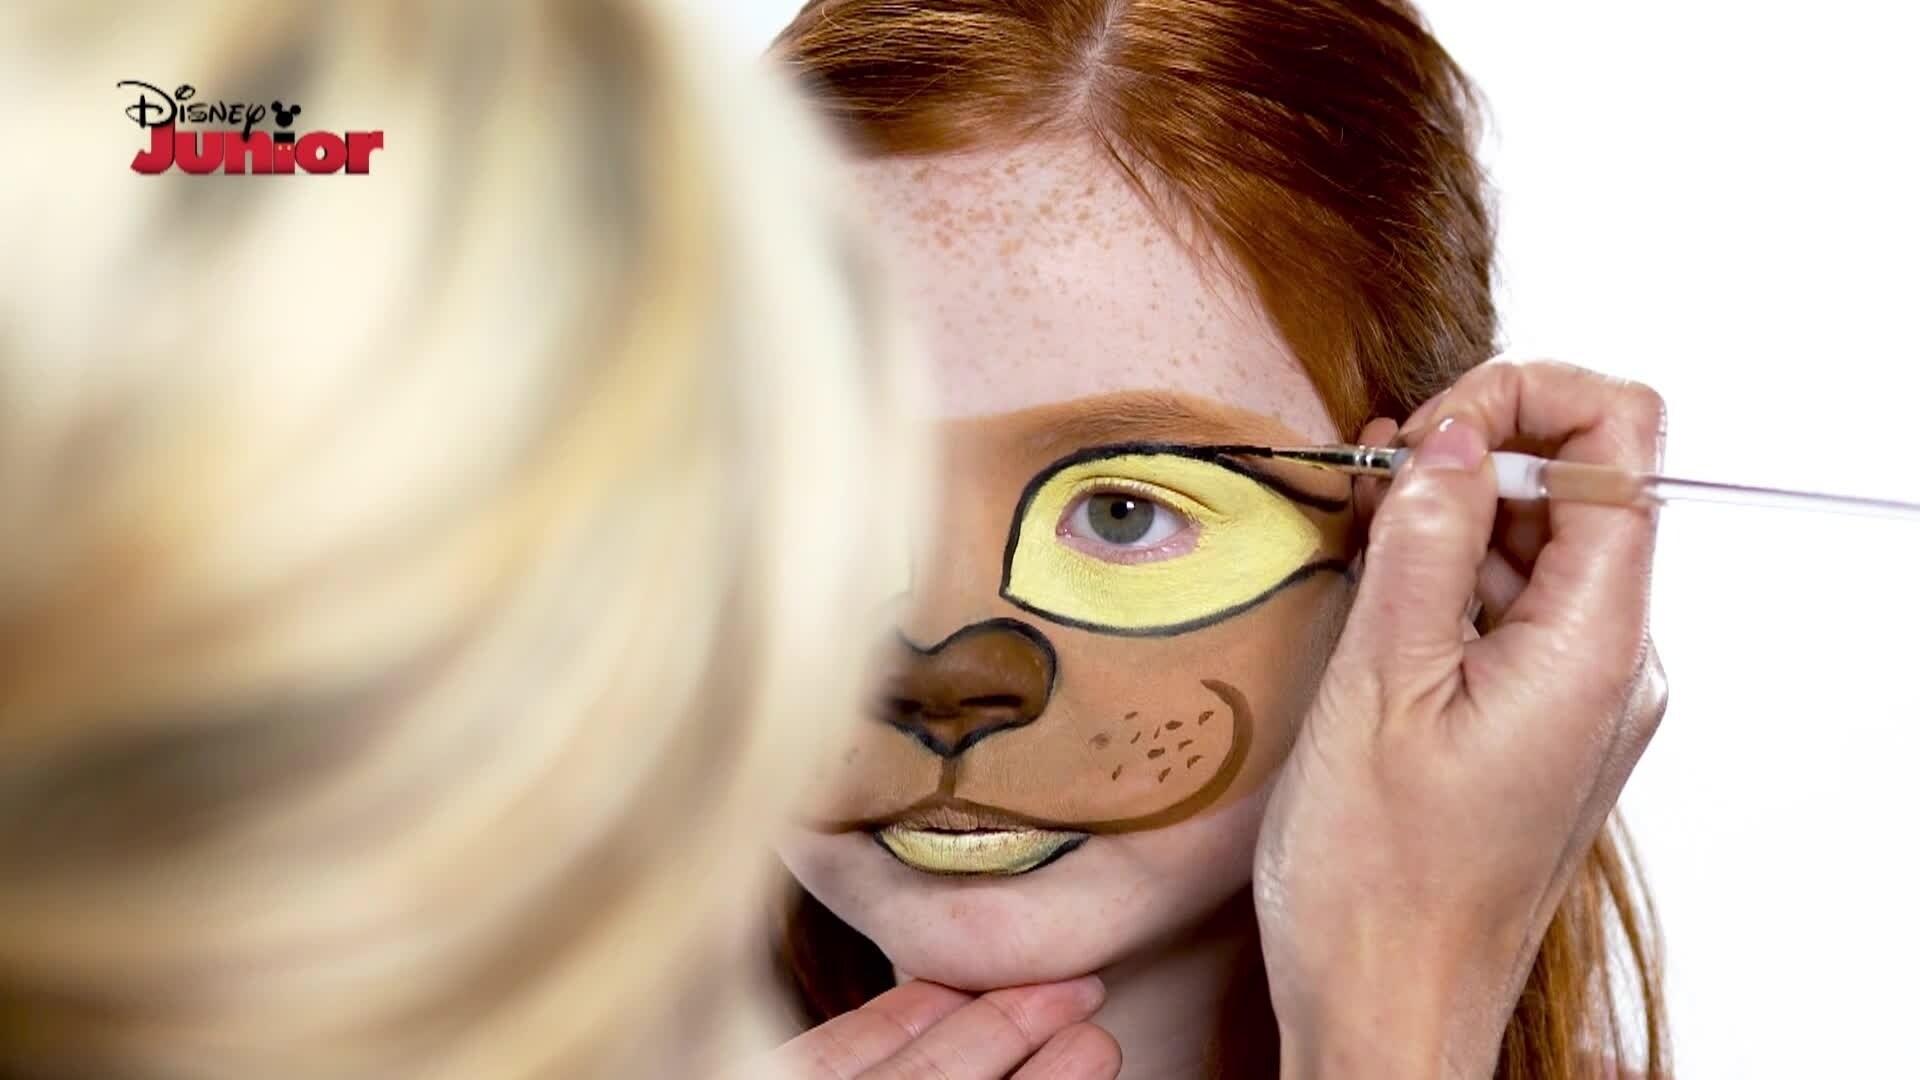 Pintura facial: Kiara